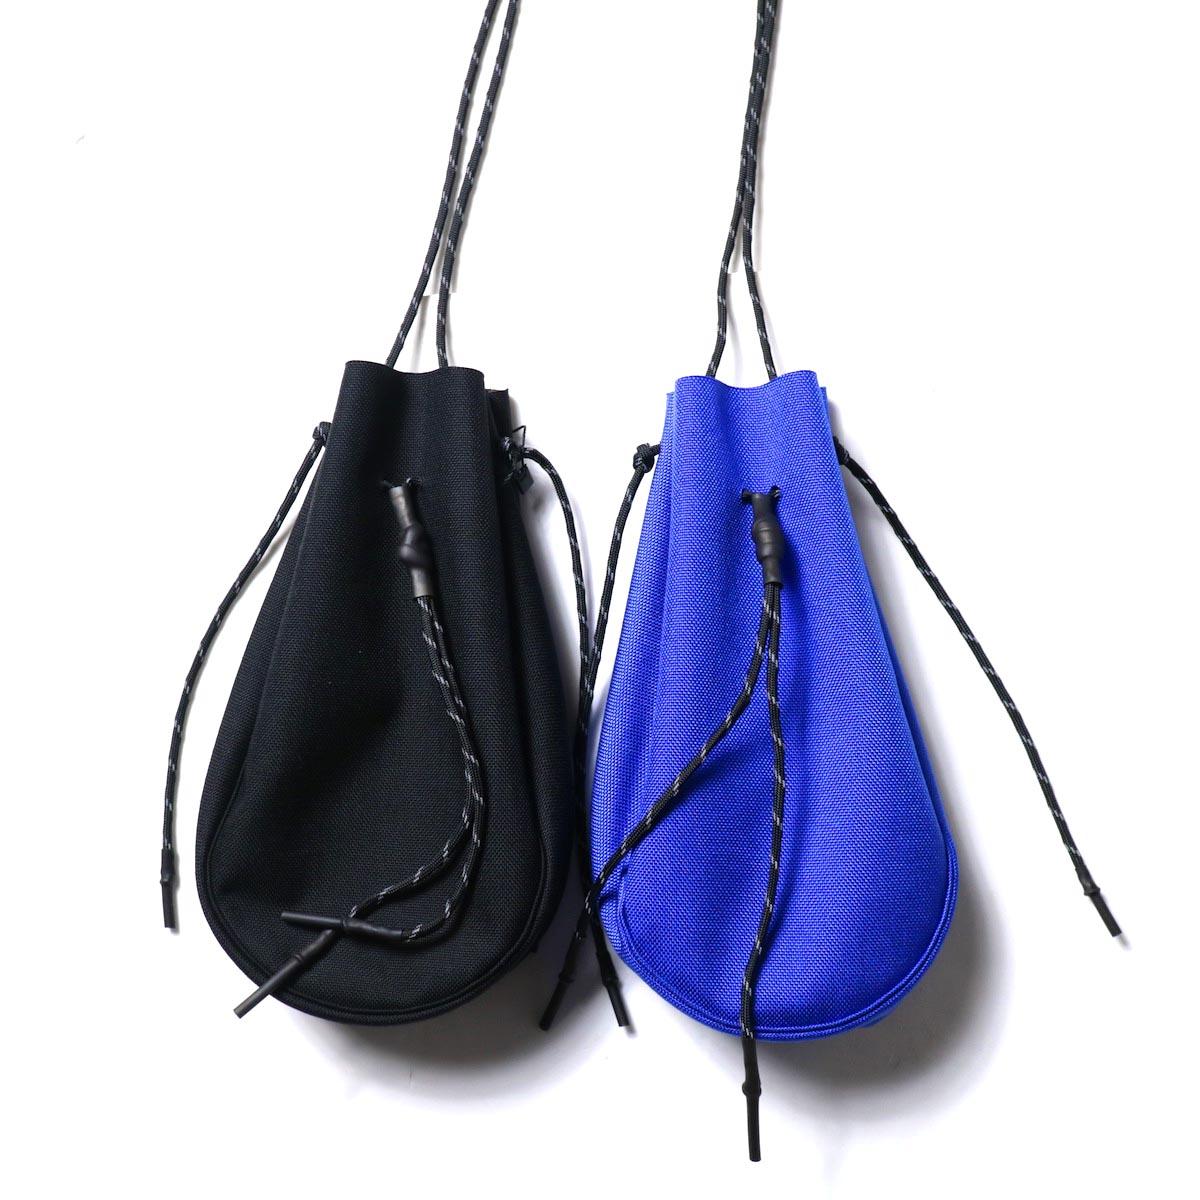 吉岡衣料店 / drawstring bag -L-. (左:Black / 右:Blue)